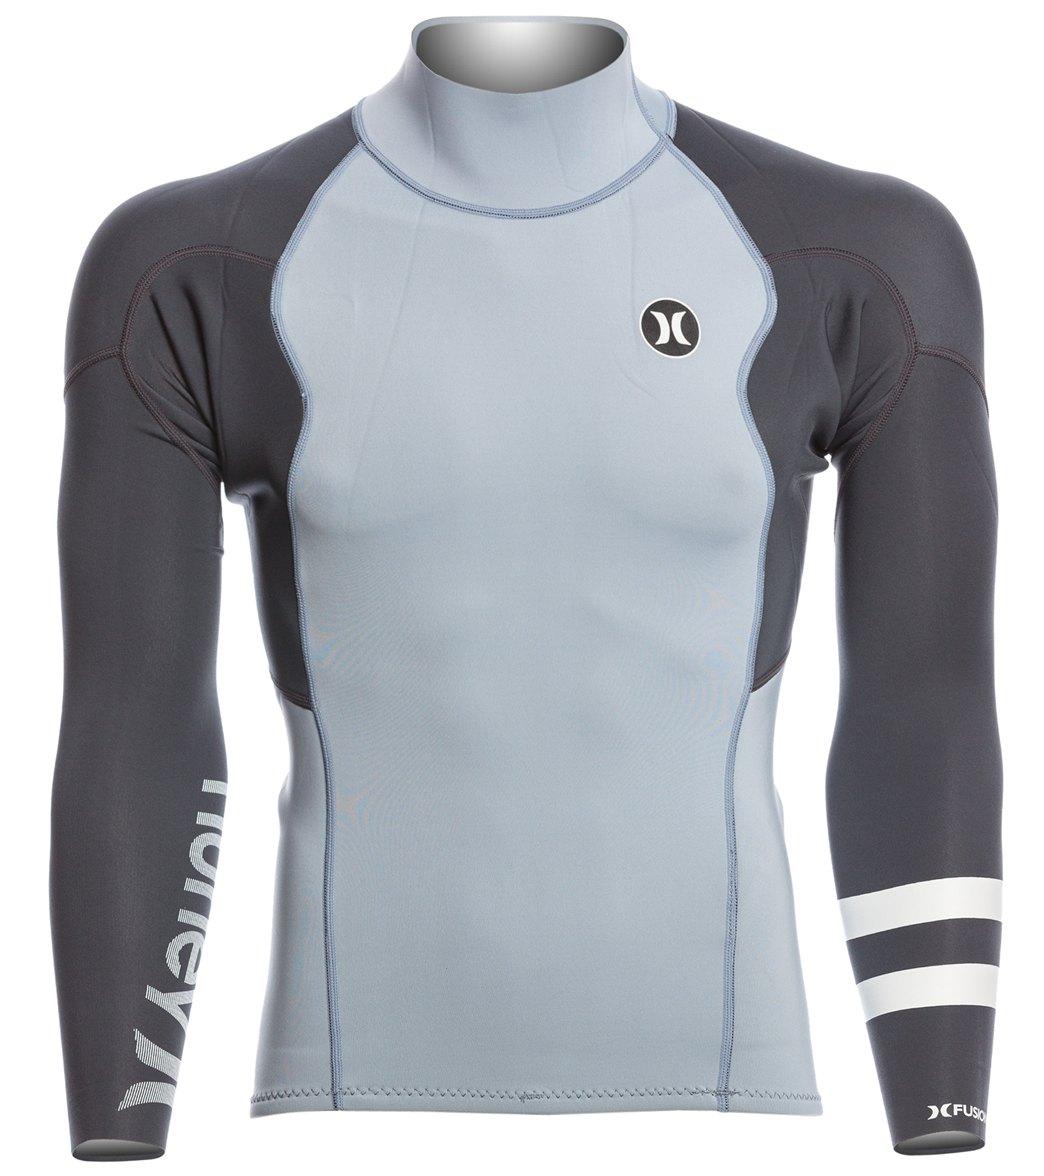 Hurley Men s 1mm Fusion 101 Back Zip Wetsuit Jacket at SwimOutlet ... 5af9c84ff